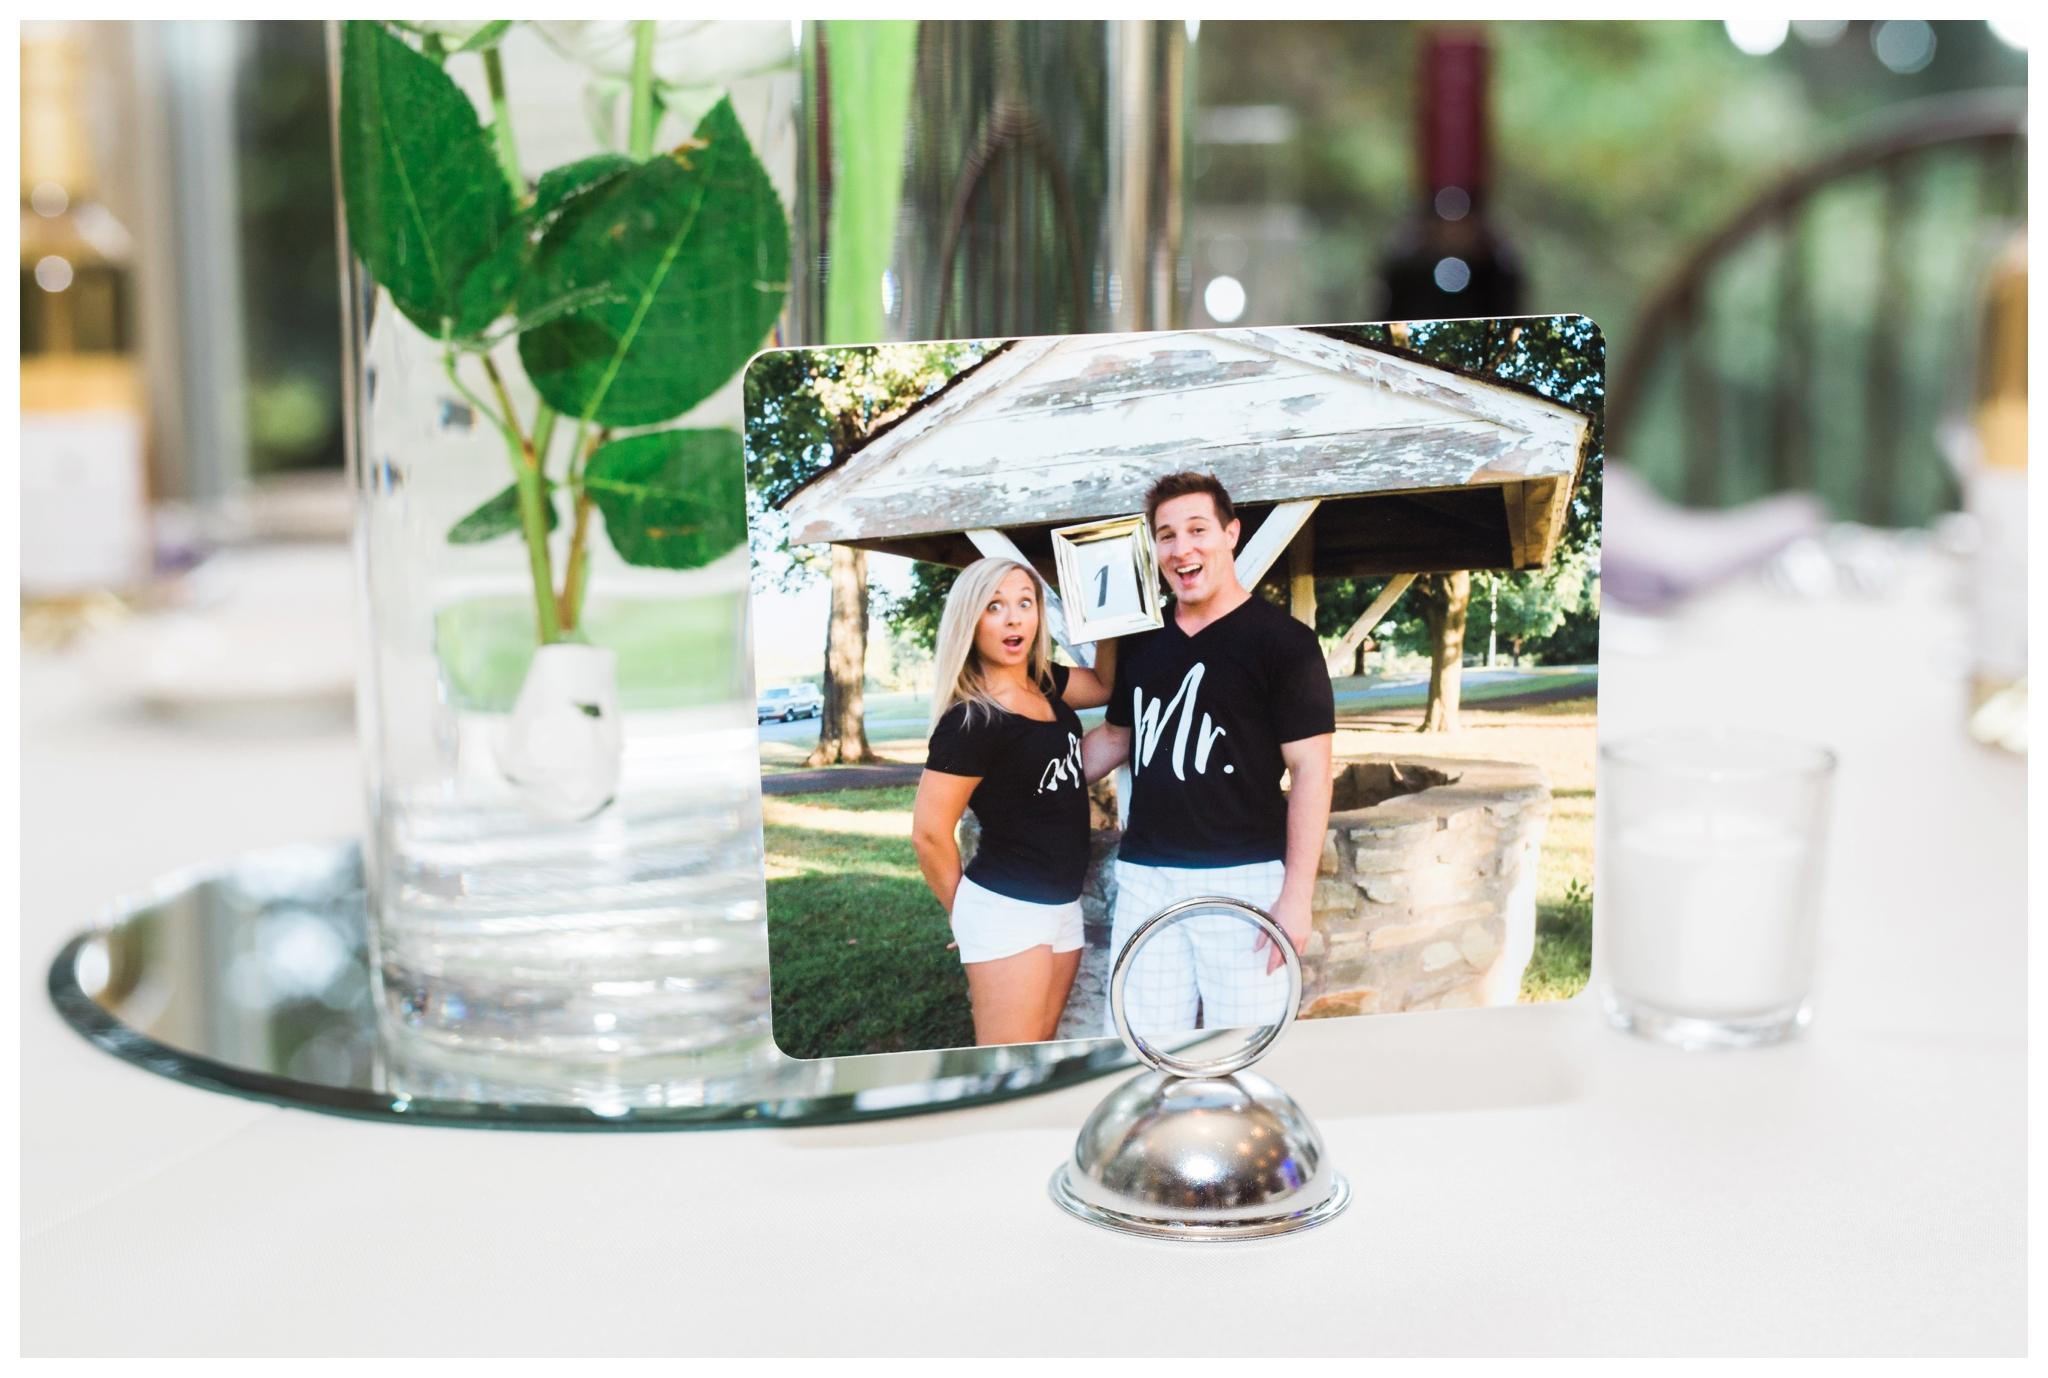 lodge-at-mountain-springs-lake-wedding_0038.jpg